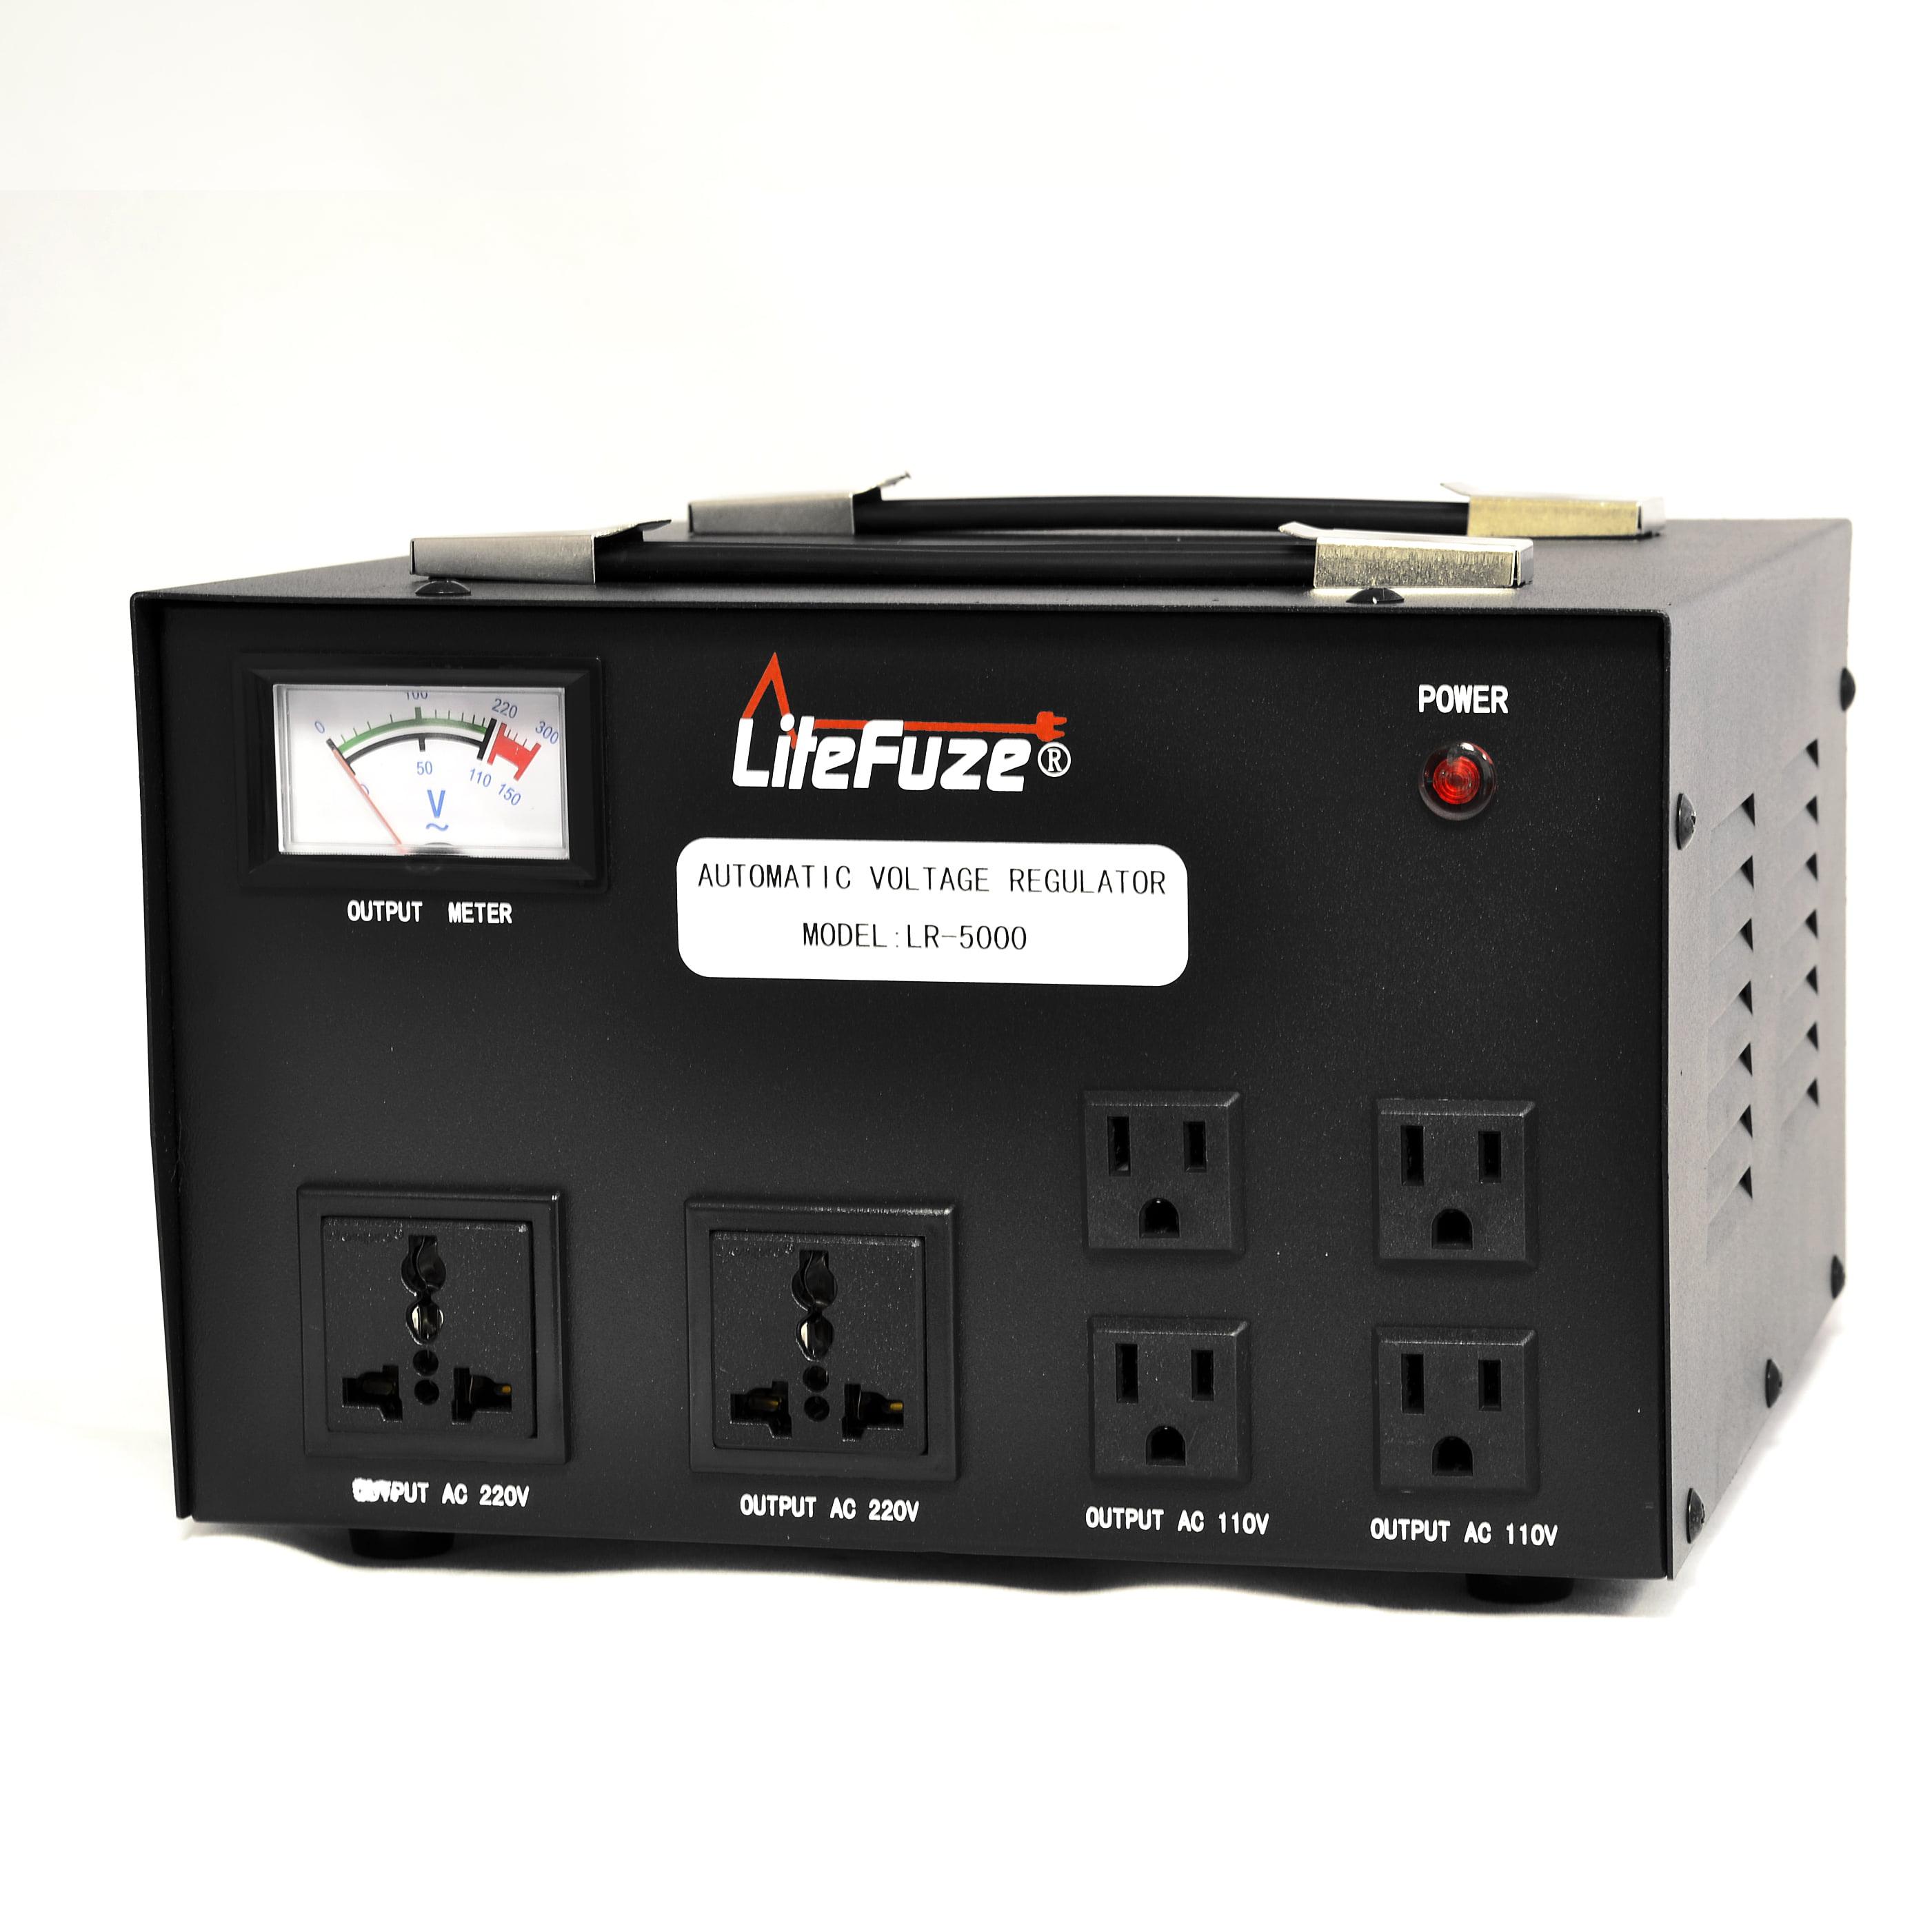 LiteFuze LR-5000 5000 Watt Voltage Regulator with Transfo...